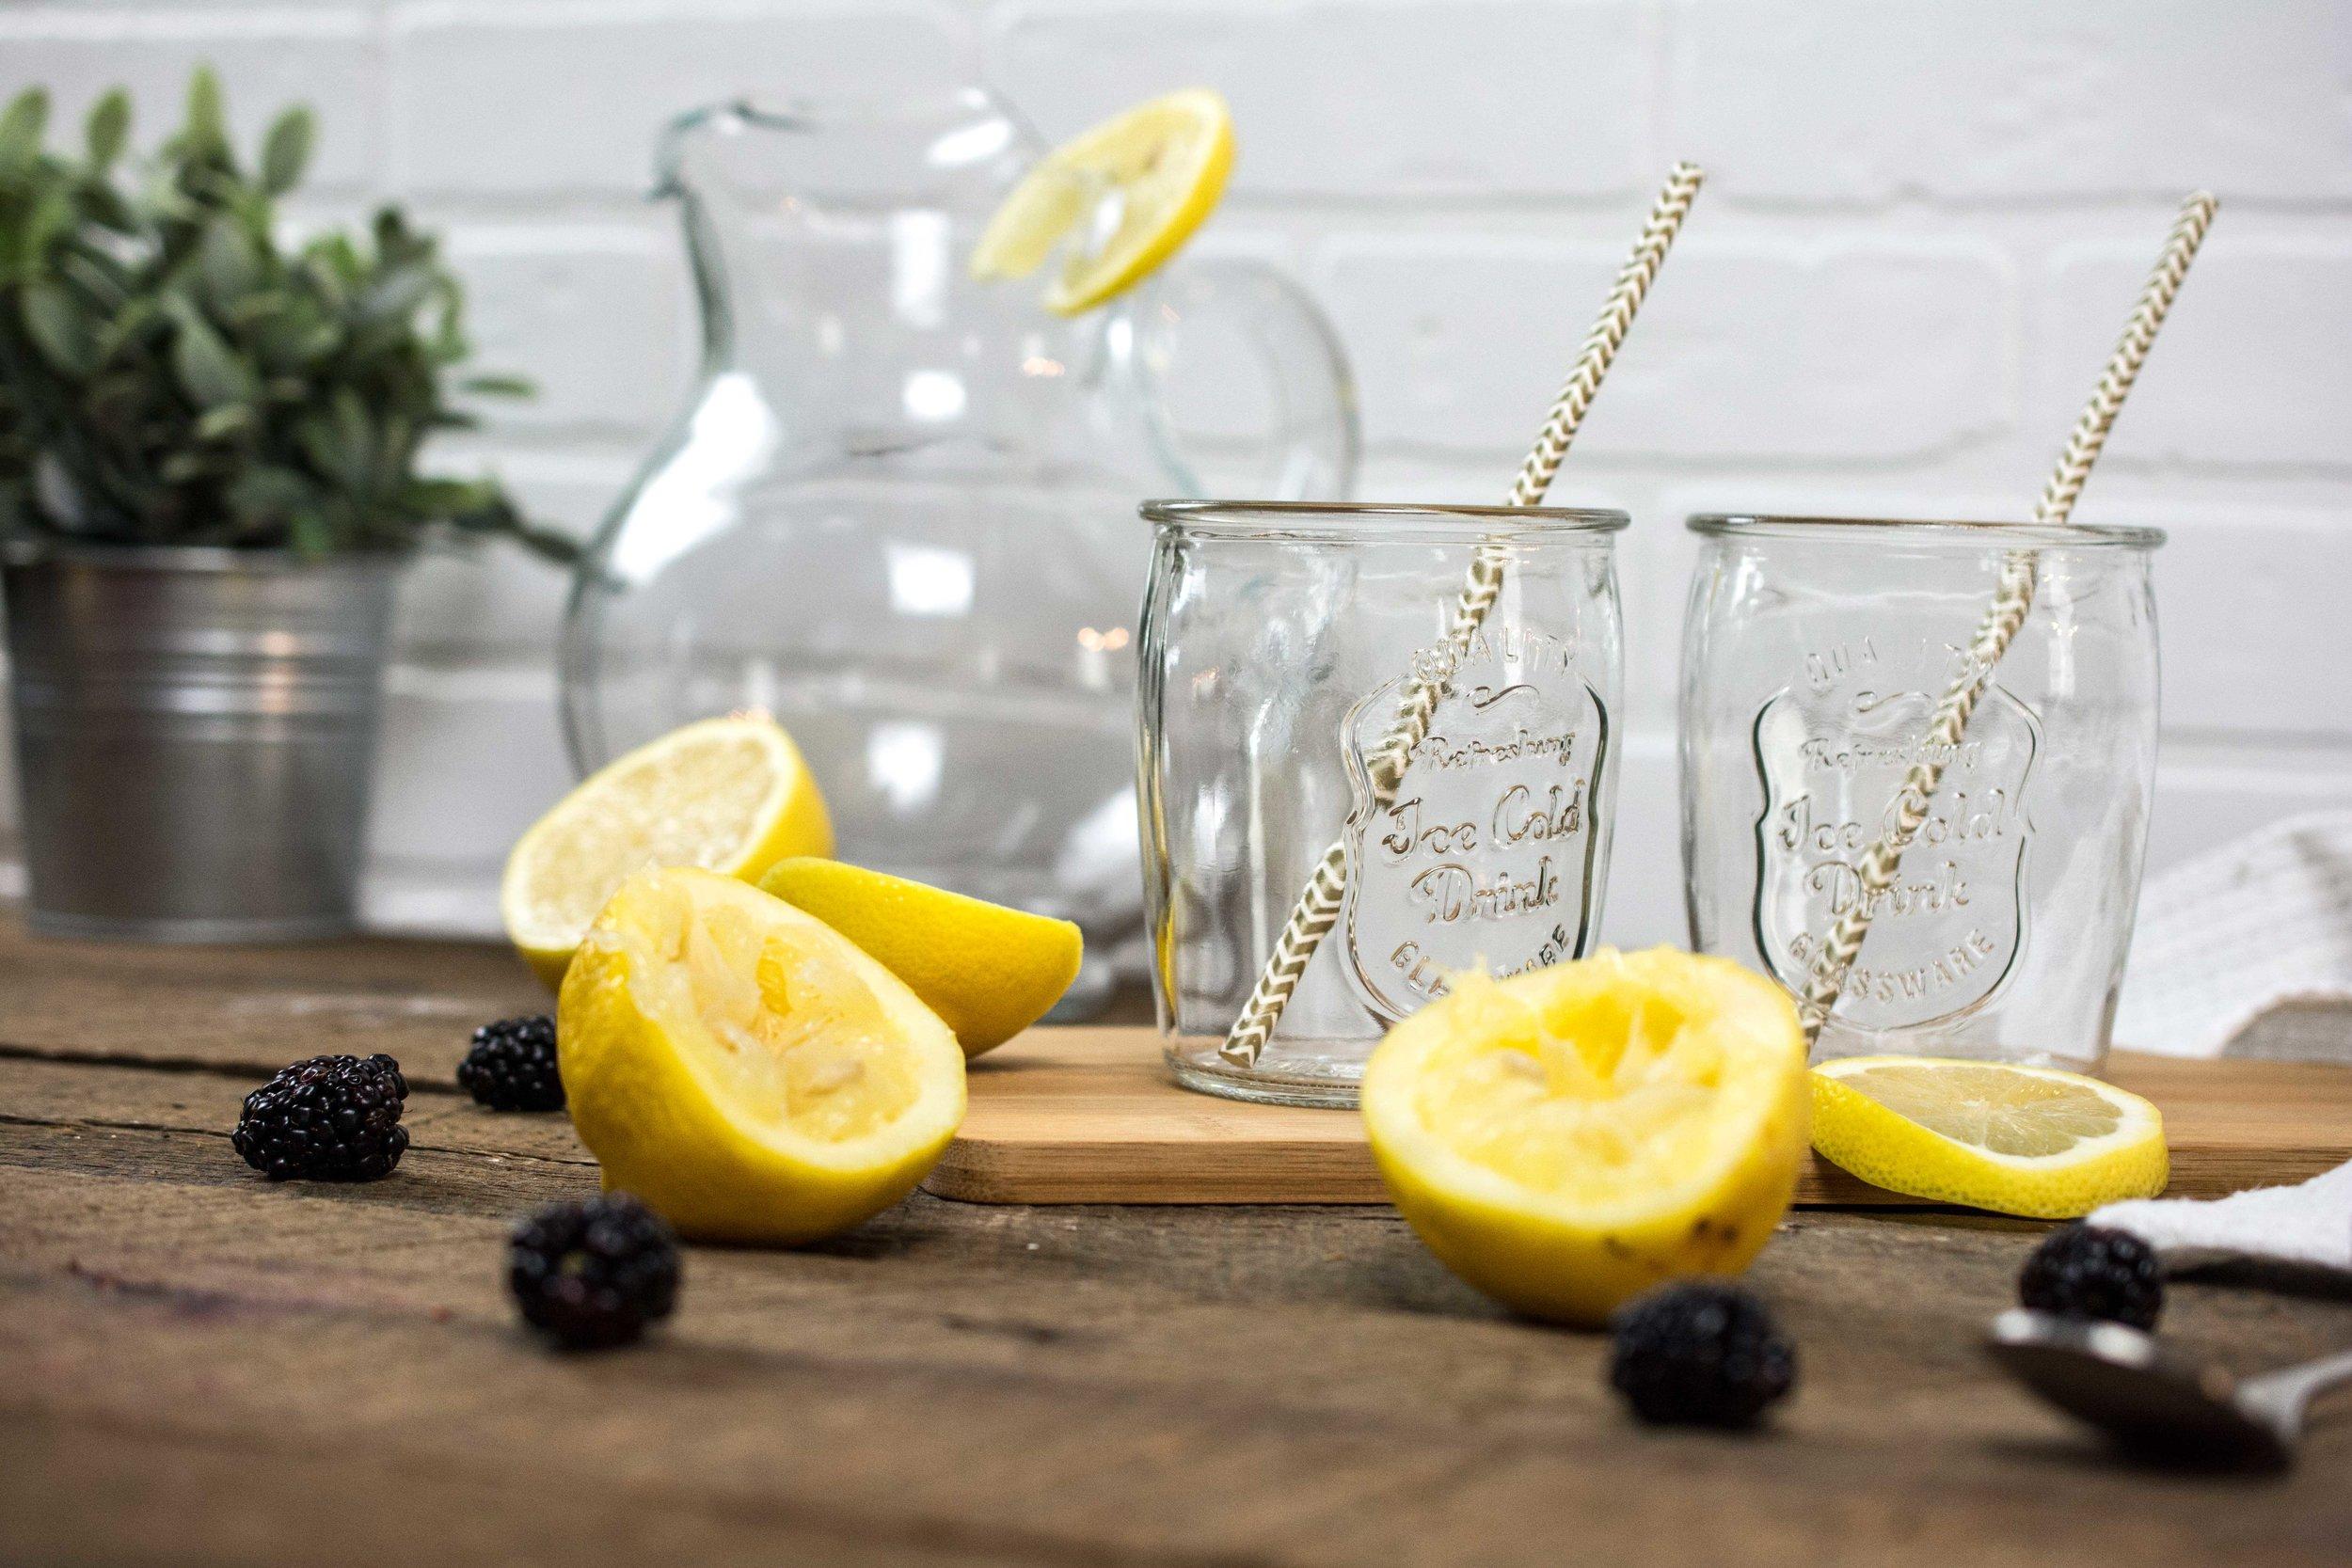 Blackberry-Lemonade-2.jpg